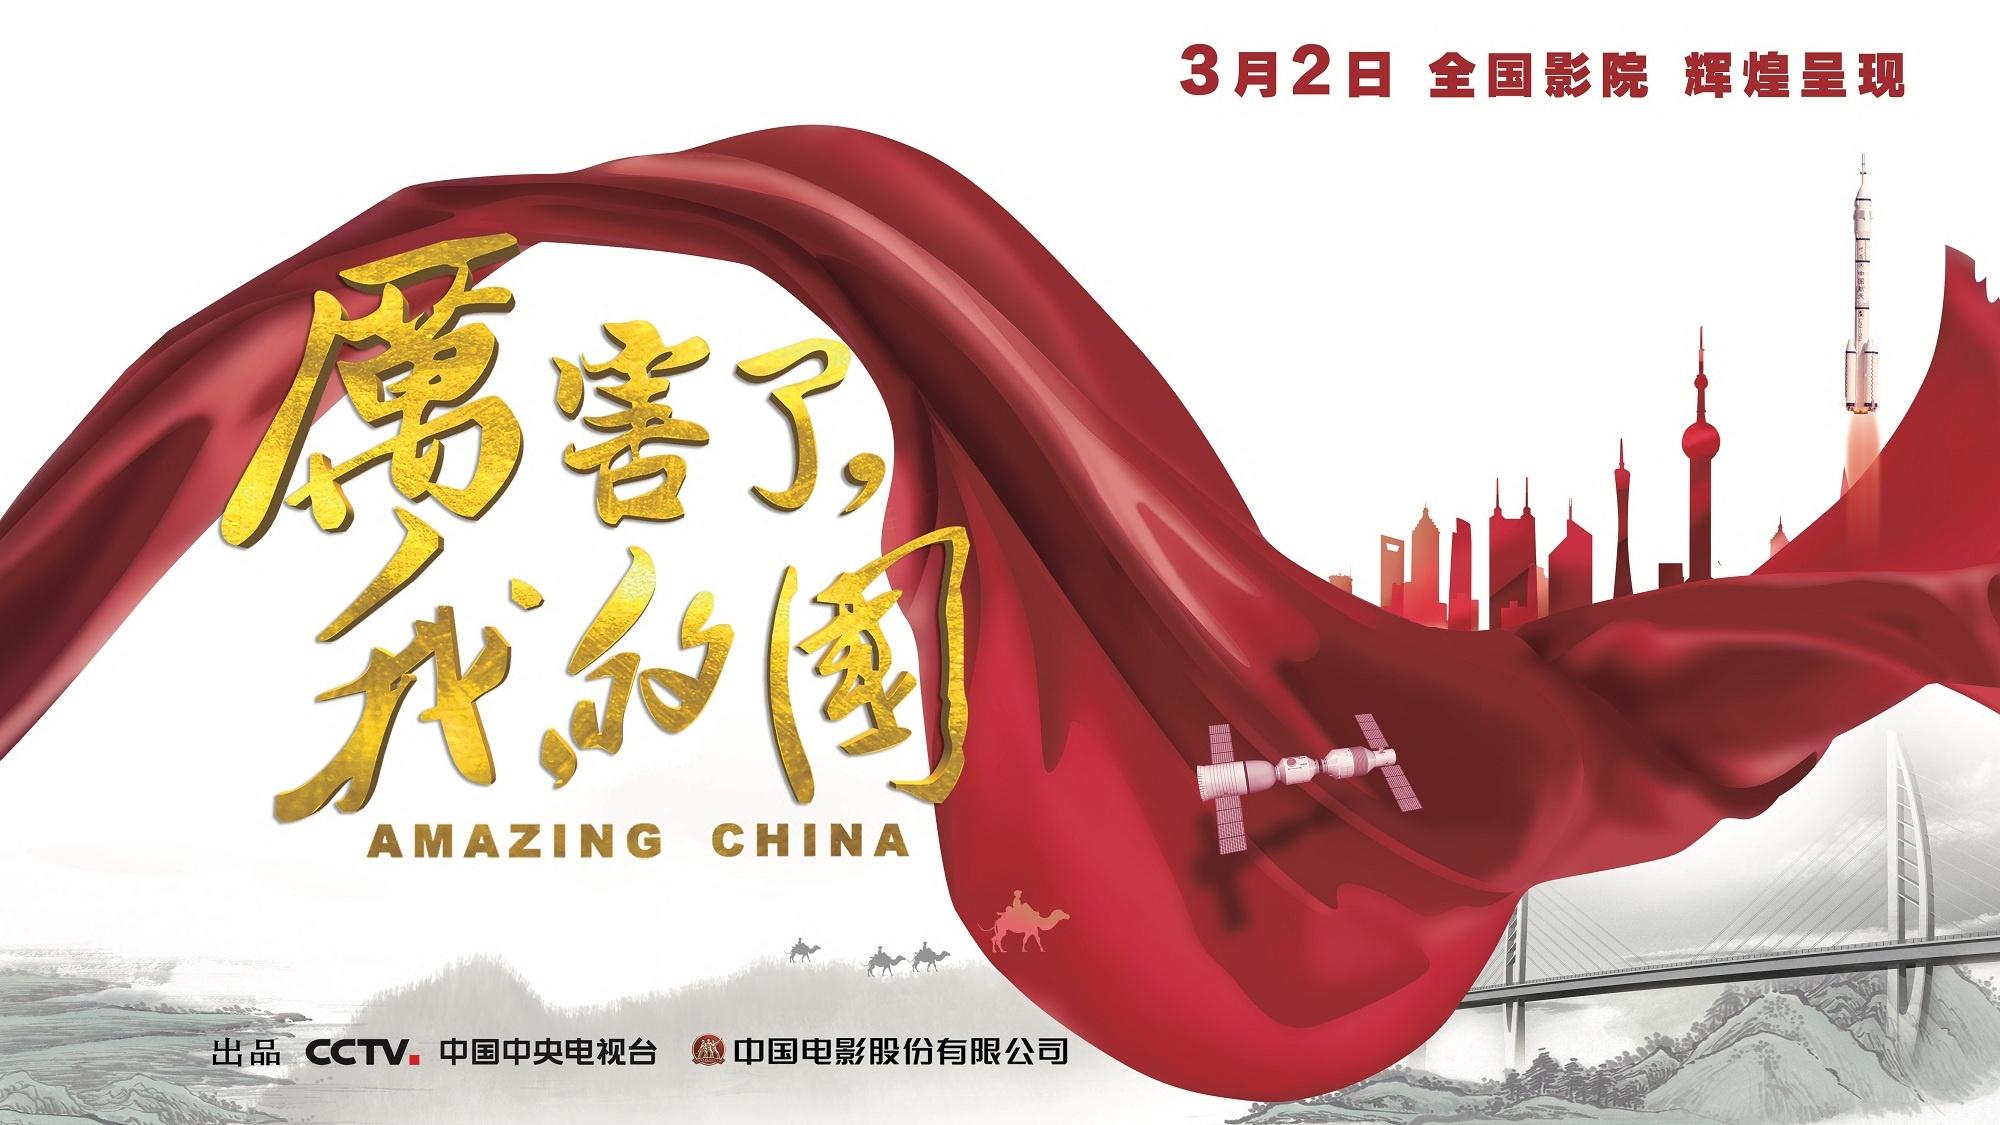 澳门威尼斯人官网:《厉害了,我的国》献映 中国力量演绎家国情怀